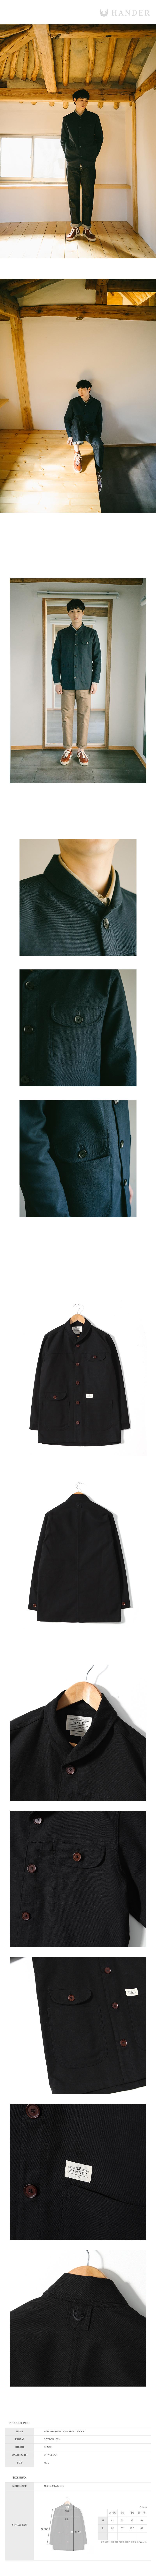 헨더(HANDER) SHAWL COVERALL JACKET [BLACK]